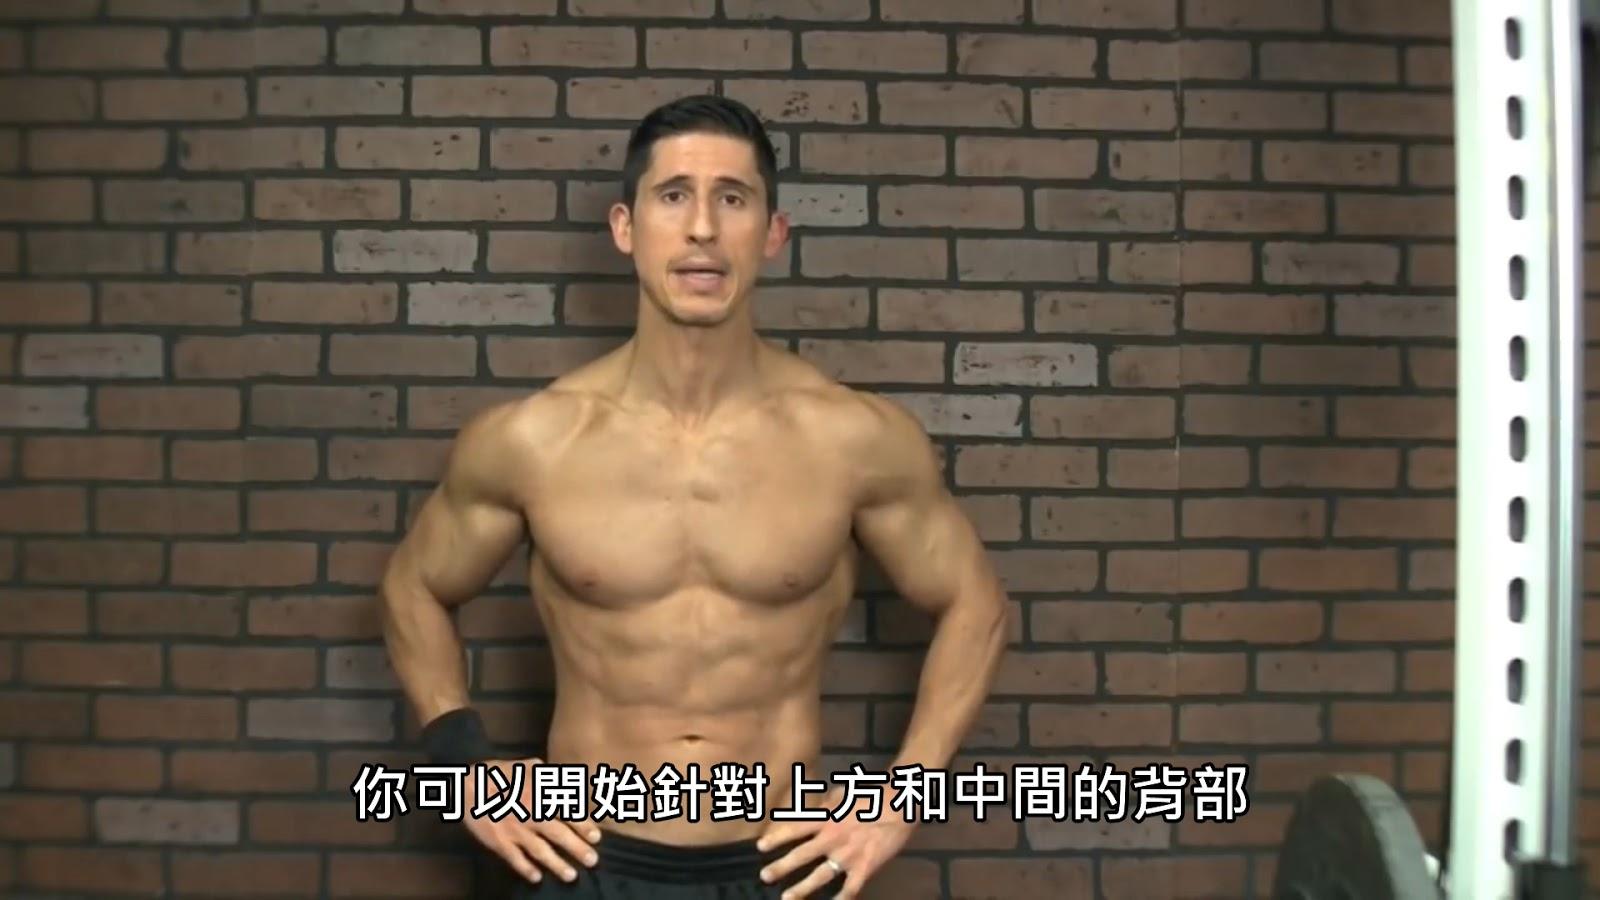 Fitting Room TW: 鍛鍊上背和斜方肌的訓練動作 (中文字幕)